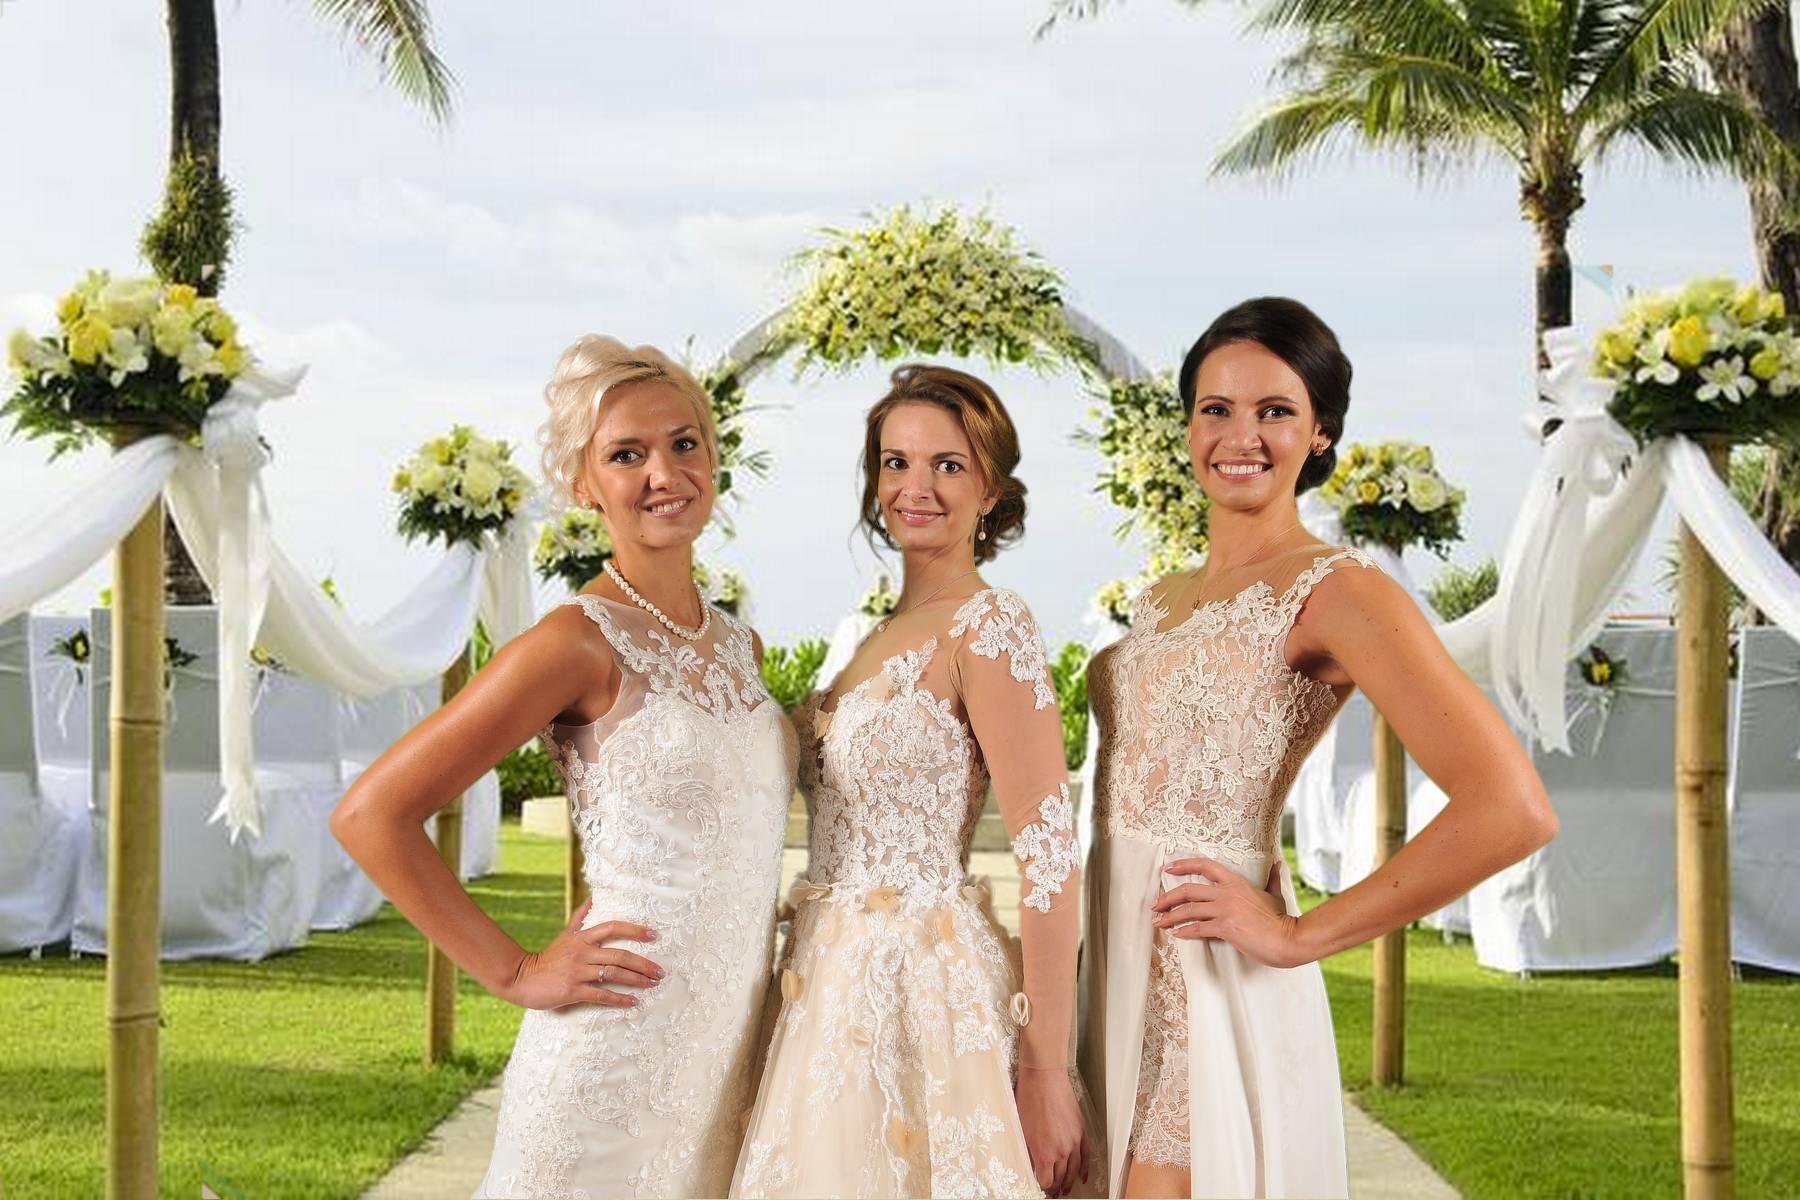 Neschází vám na svatbě svatební fotograf? Pozvěte si skutečného profesionál